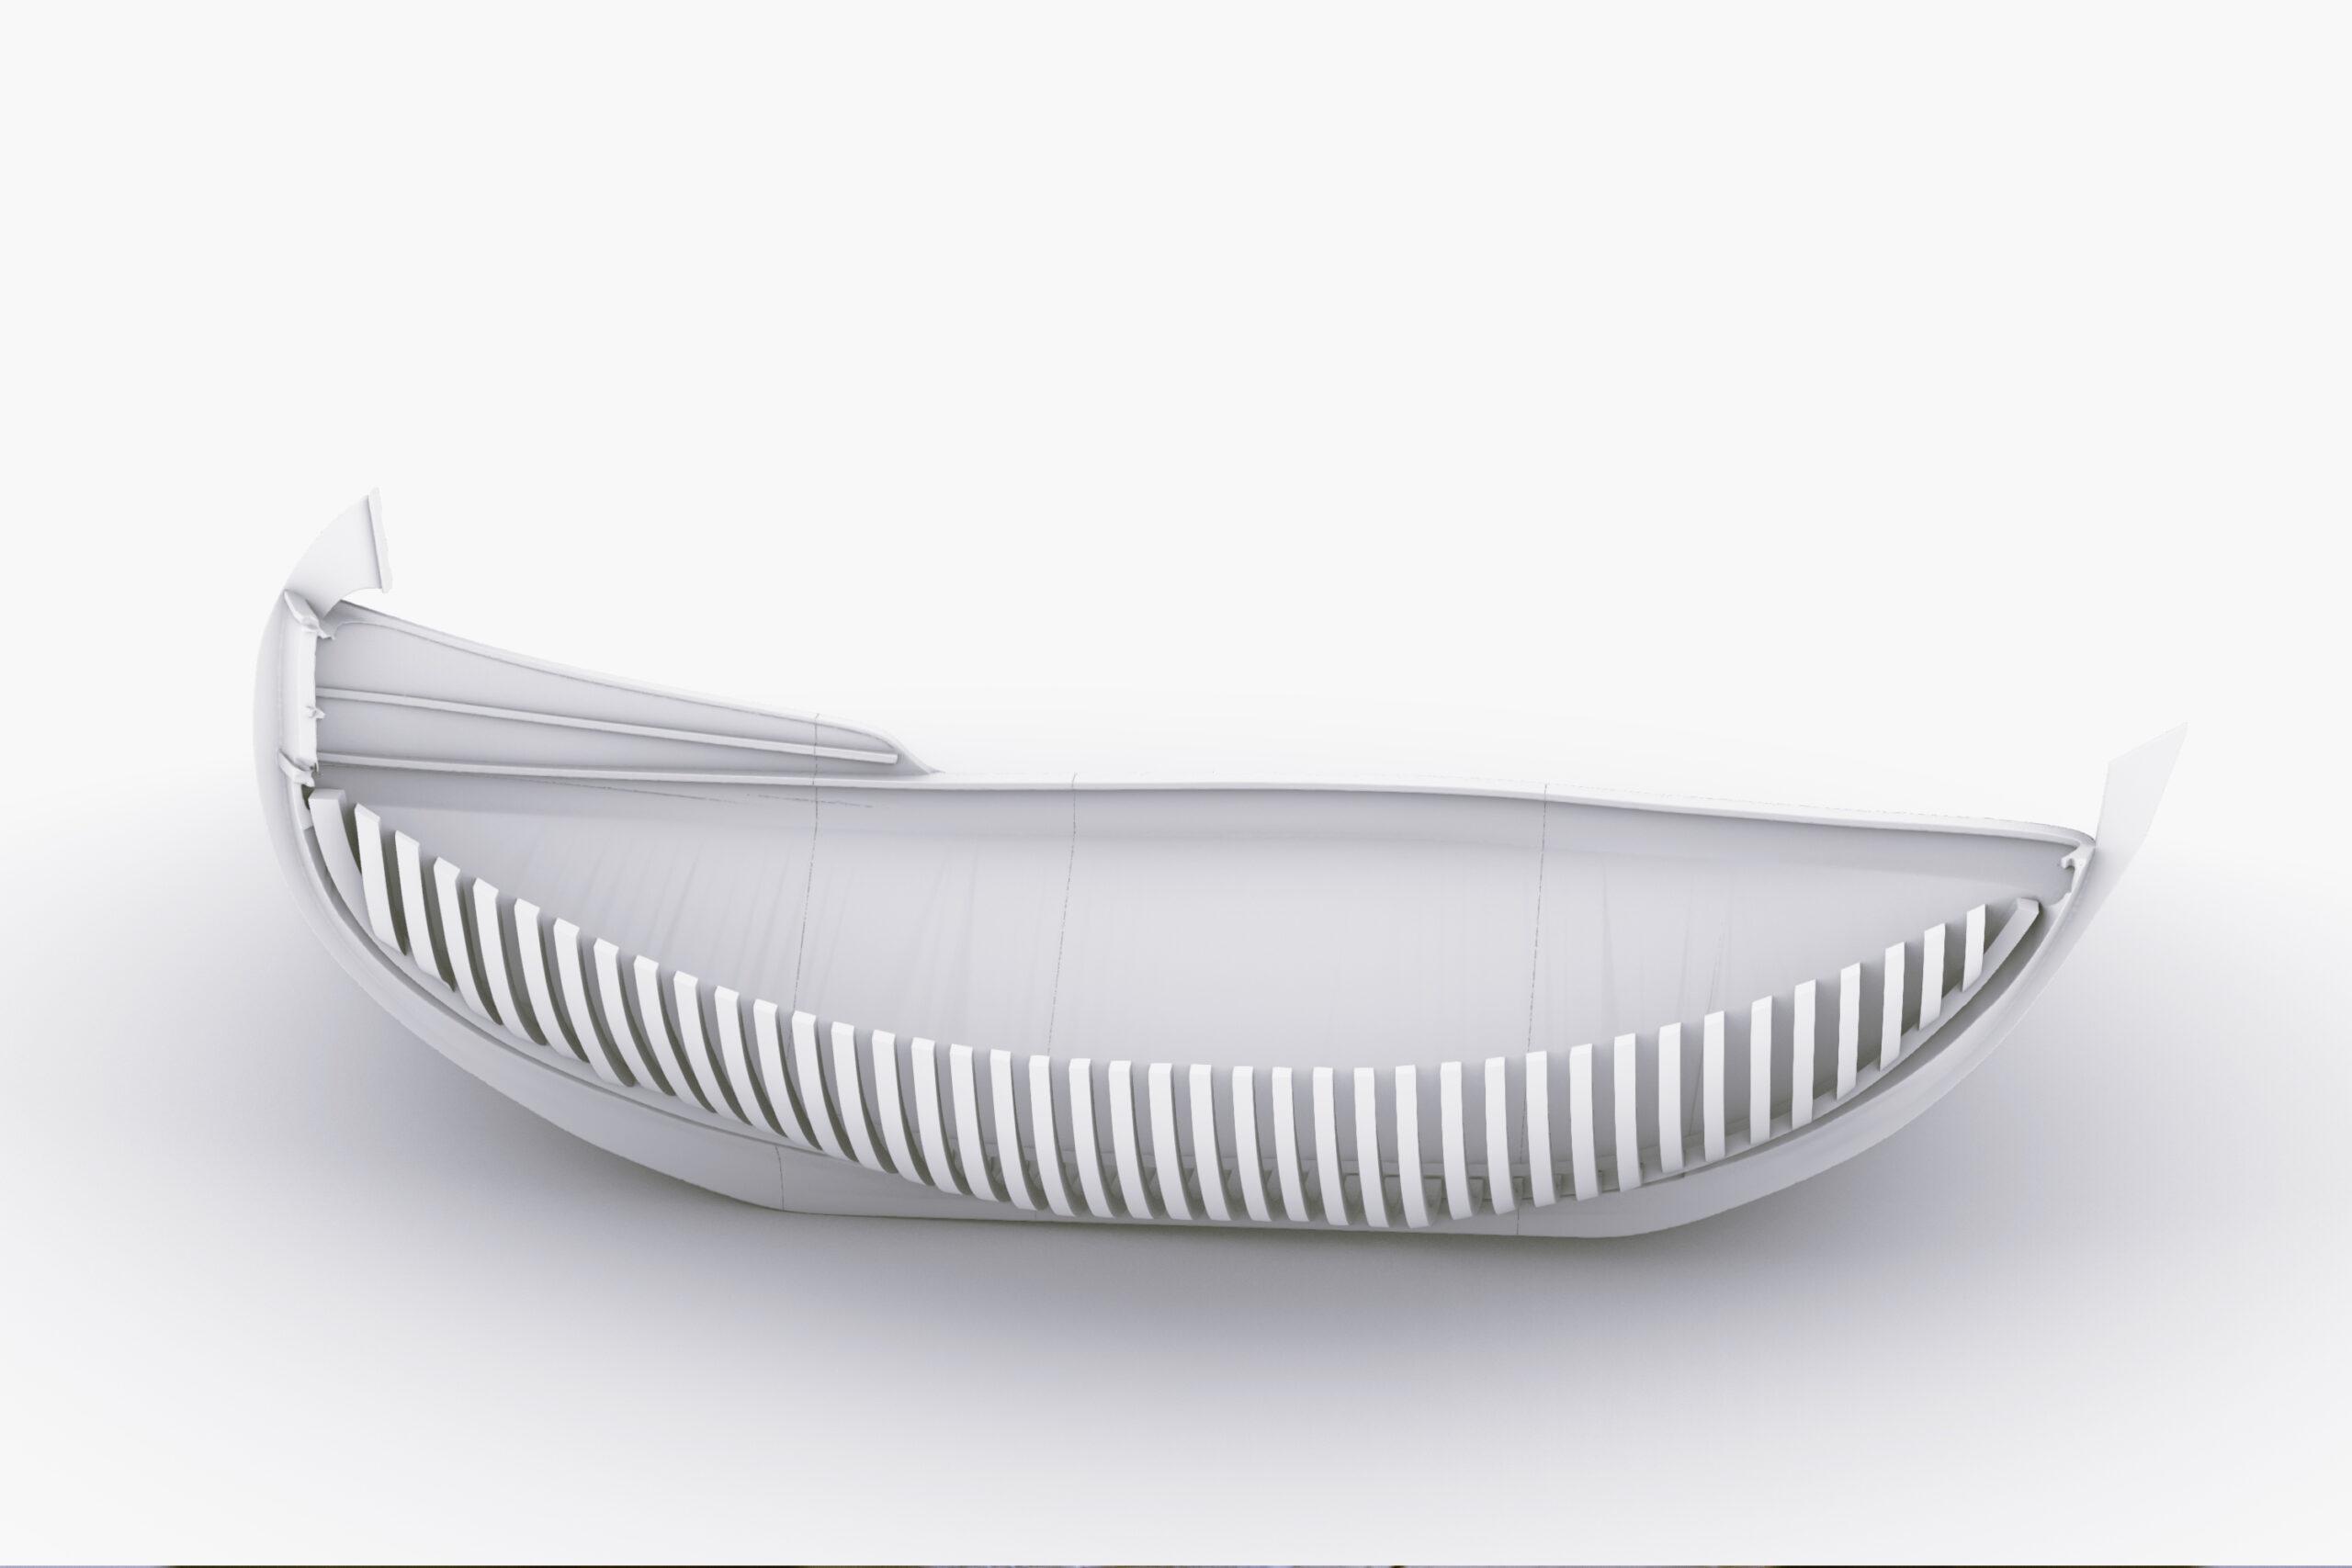 modellazione-stampa-3d-mostra-thalassa-mann-Napoli-Studio_B19